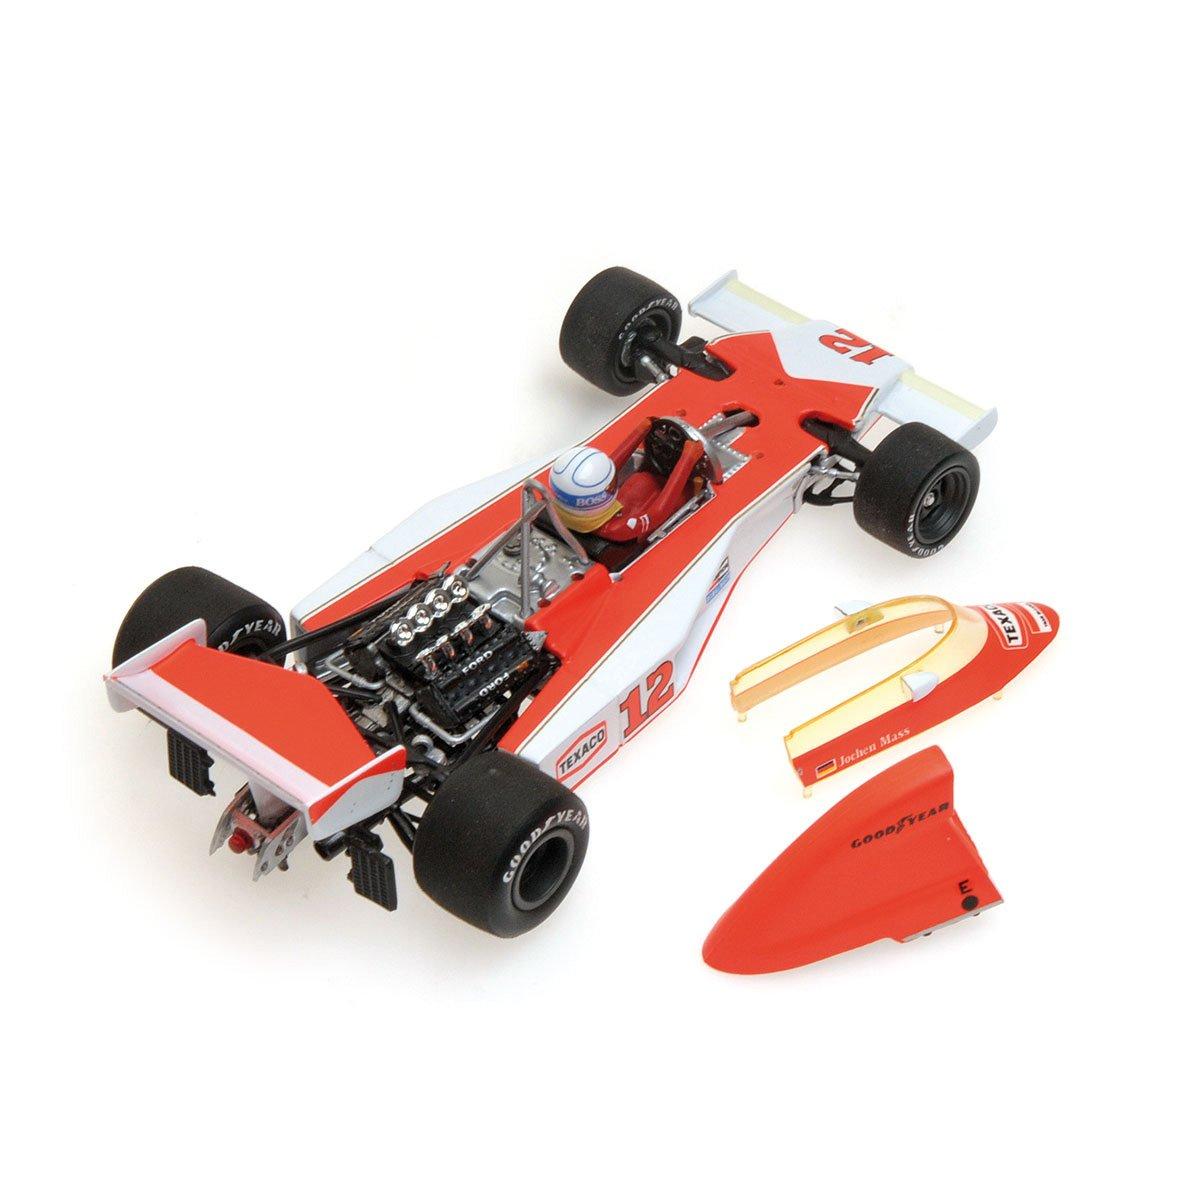 Vuelta de 10 dias Minichamps 530764332 – Vehículo Vehículo Vehículo en Miniatura – MC-Laren M23 – GP Sudáfrica 1976 – Escala 1/43, Color Blanco/Naranja  ¡no ser extrañado!